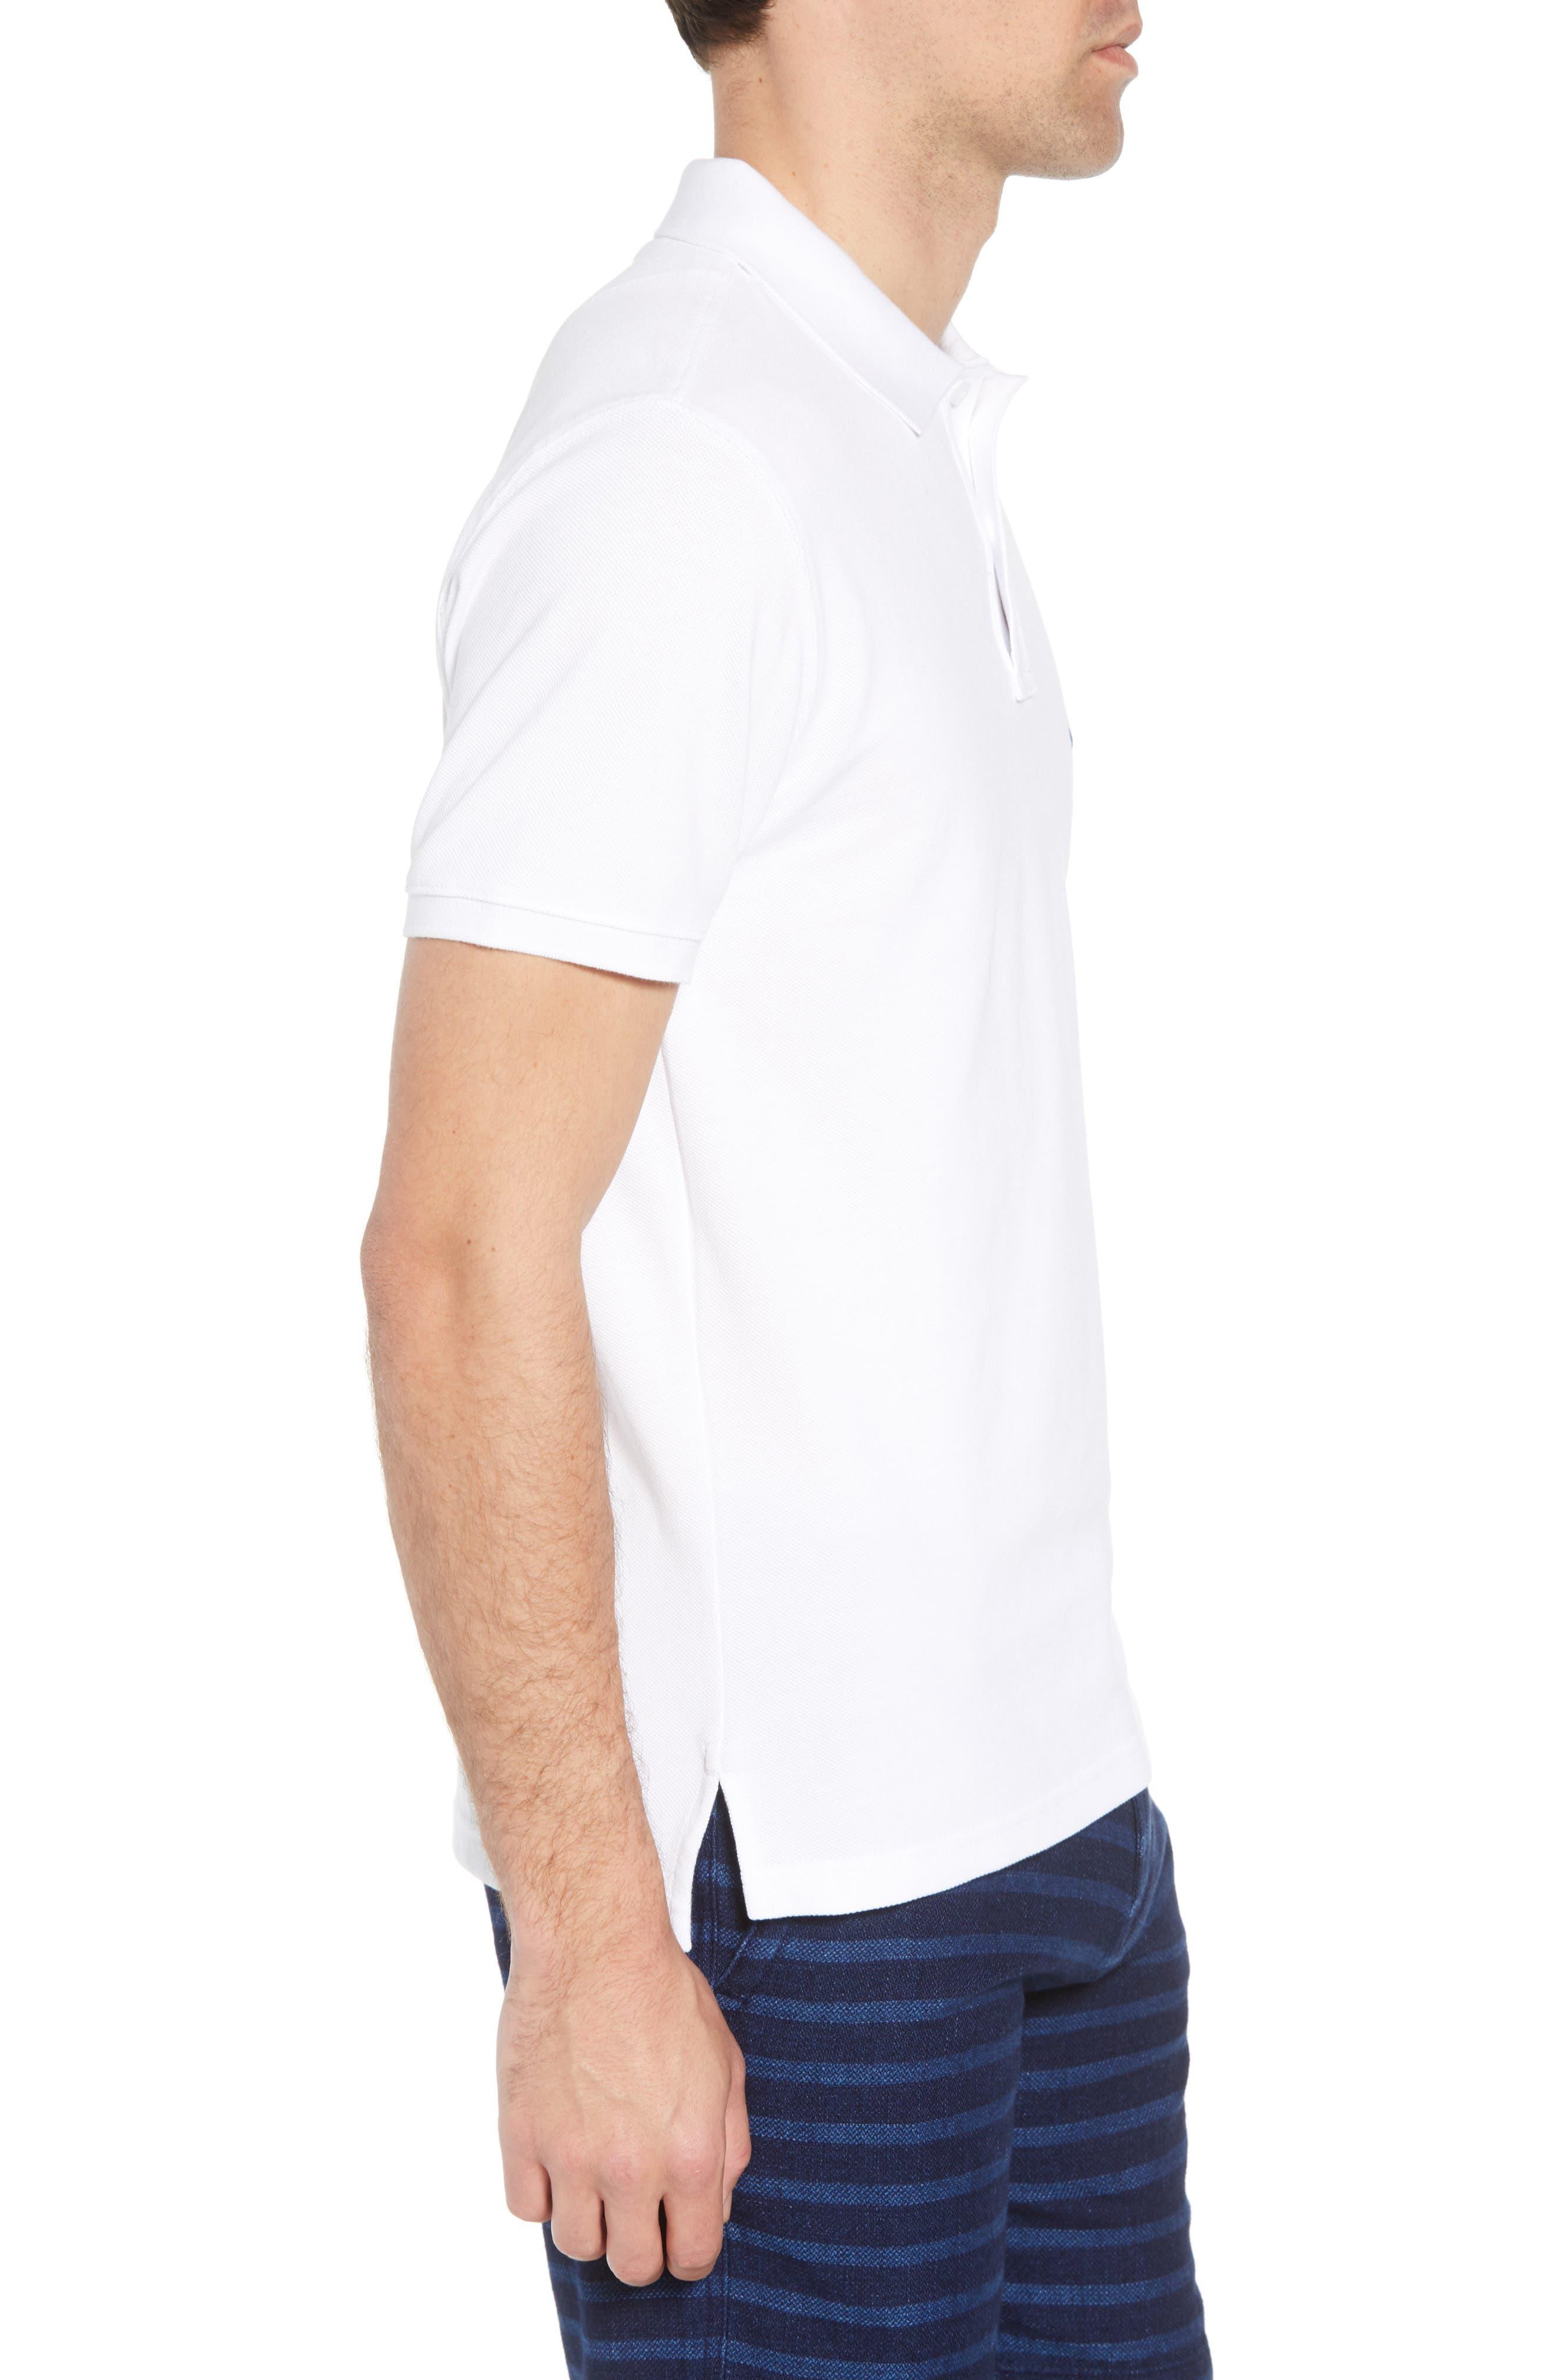 Alternate Image 3  - Rodd & Gunn 'The Gunn' Piqué Sports Fit Cotton Polo